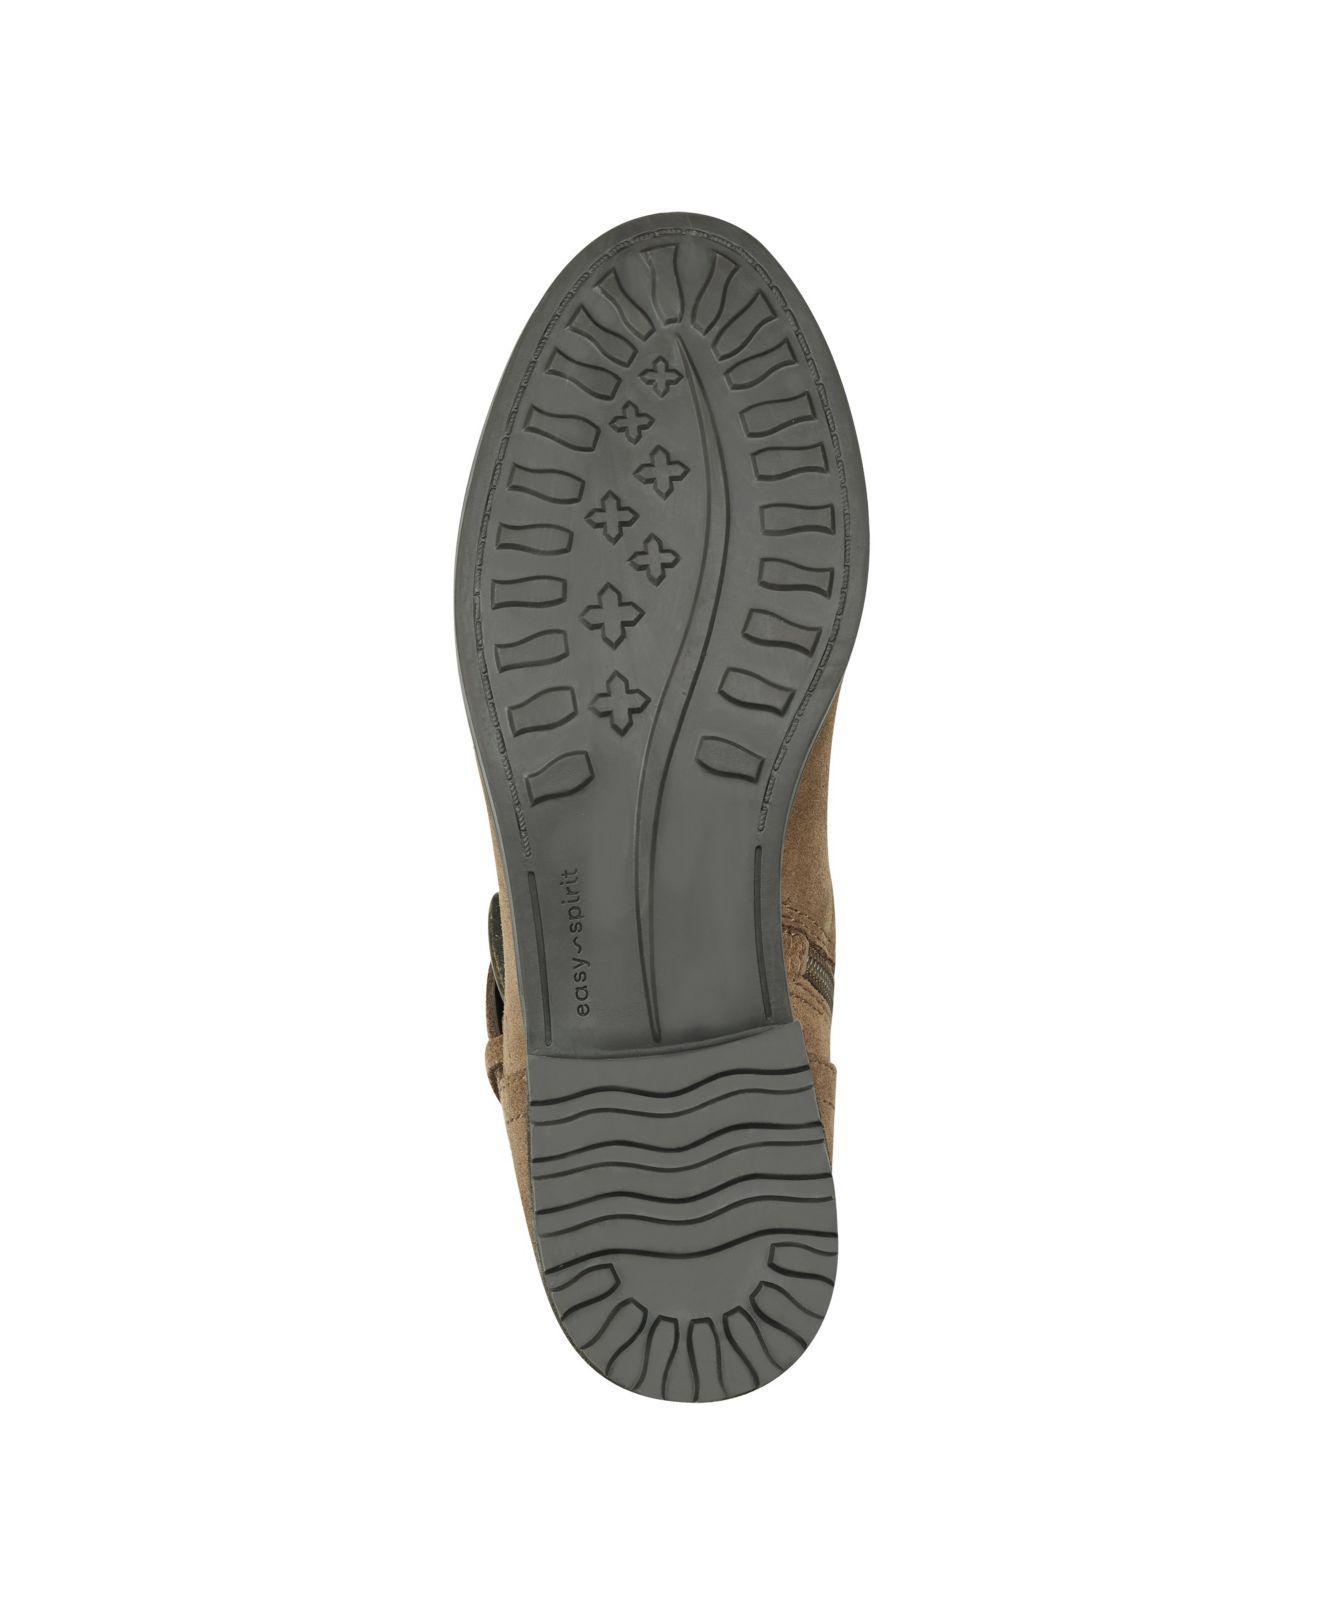 d7b113d579cc9 Easy Spirit - Brown Reach Mid-calf Boots - Lyst. View fullscreen